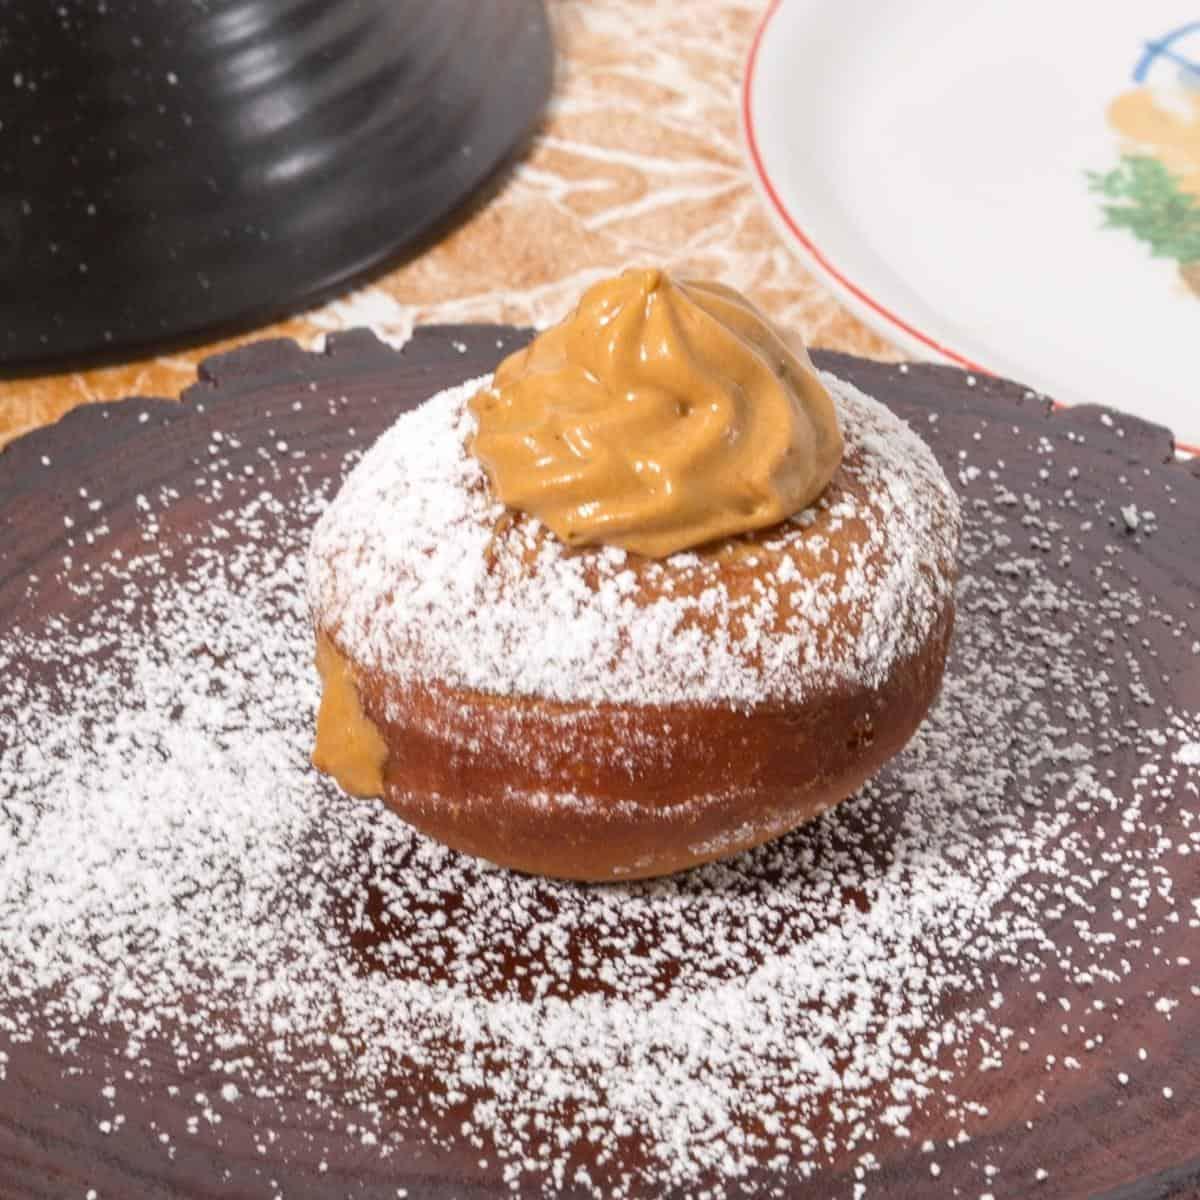 Dule de leche donut on a wooden baord